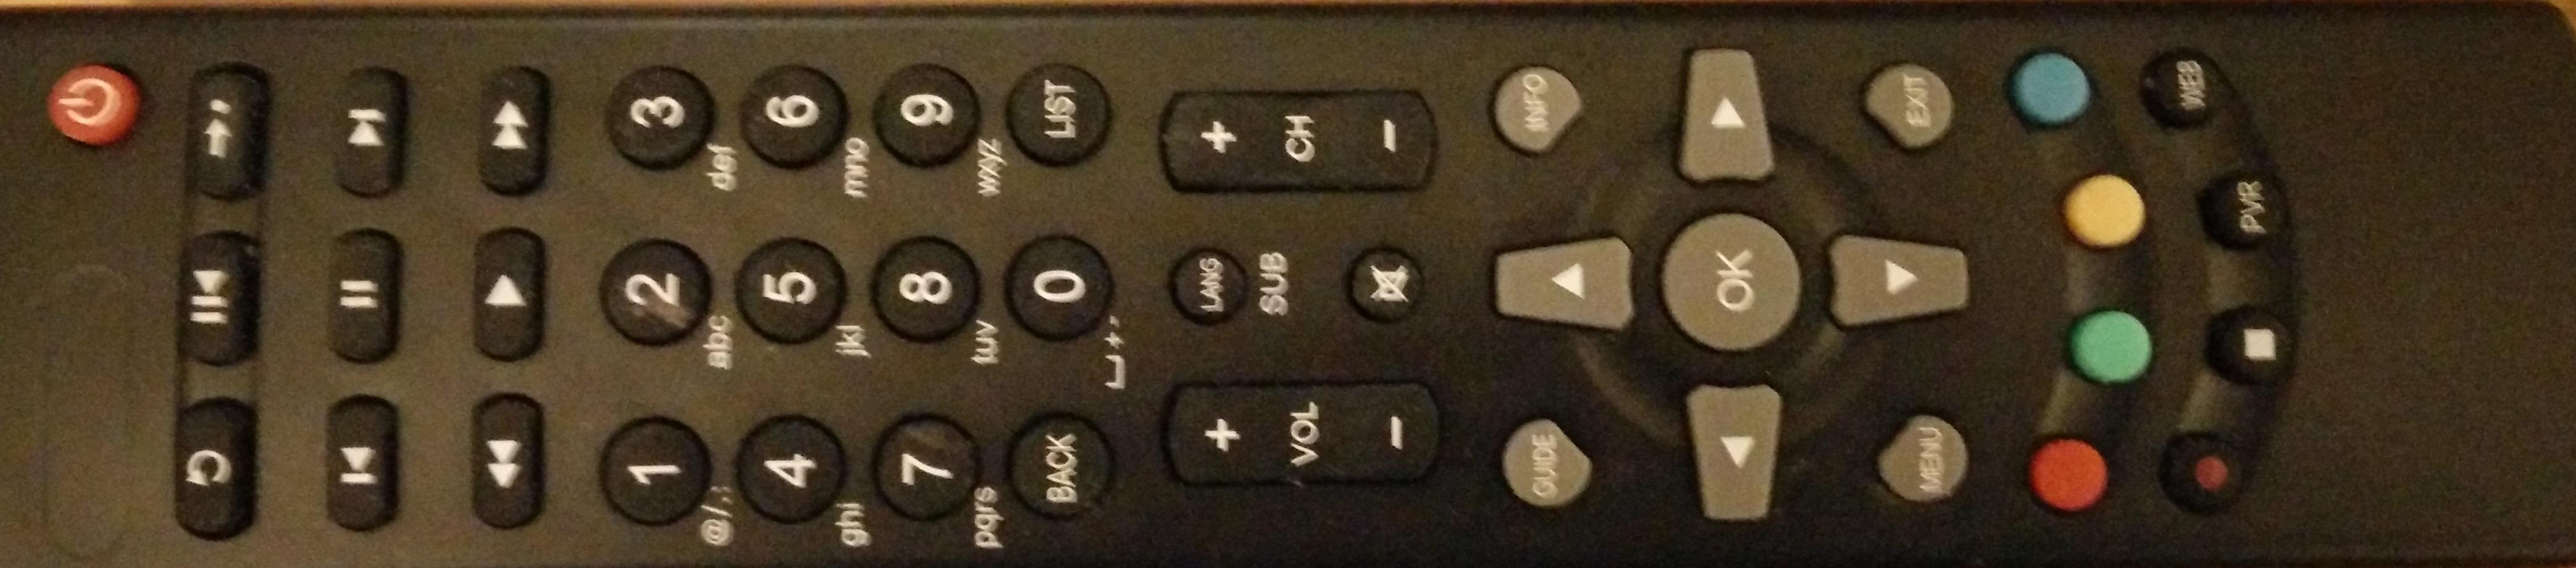 decodeur-remote